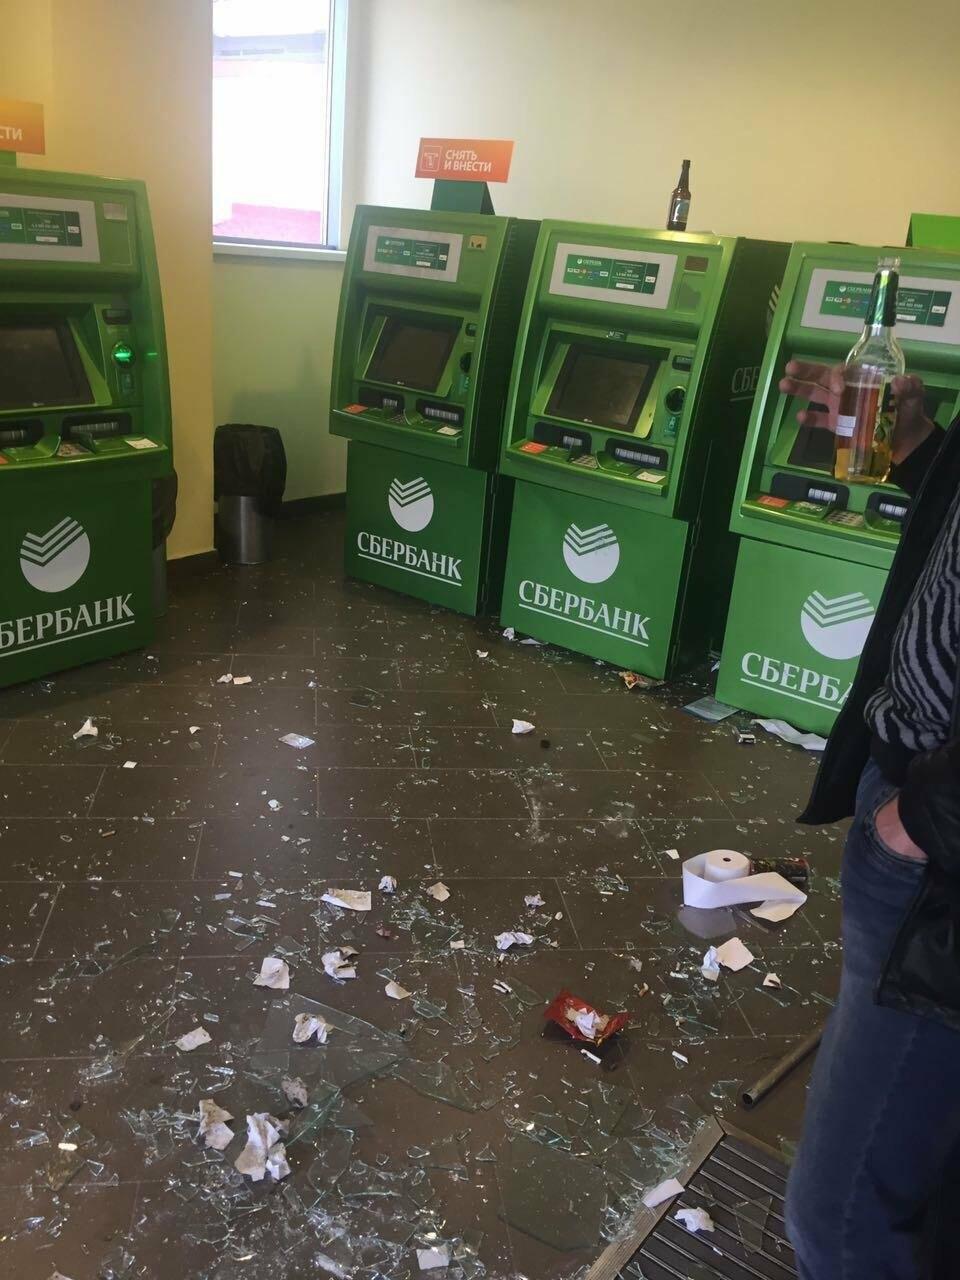 Пьяный мужчина урной разбил витрины отделения Сбербанка на Садовой, фото-2